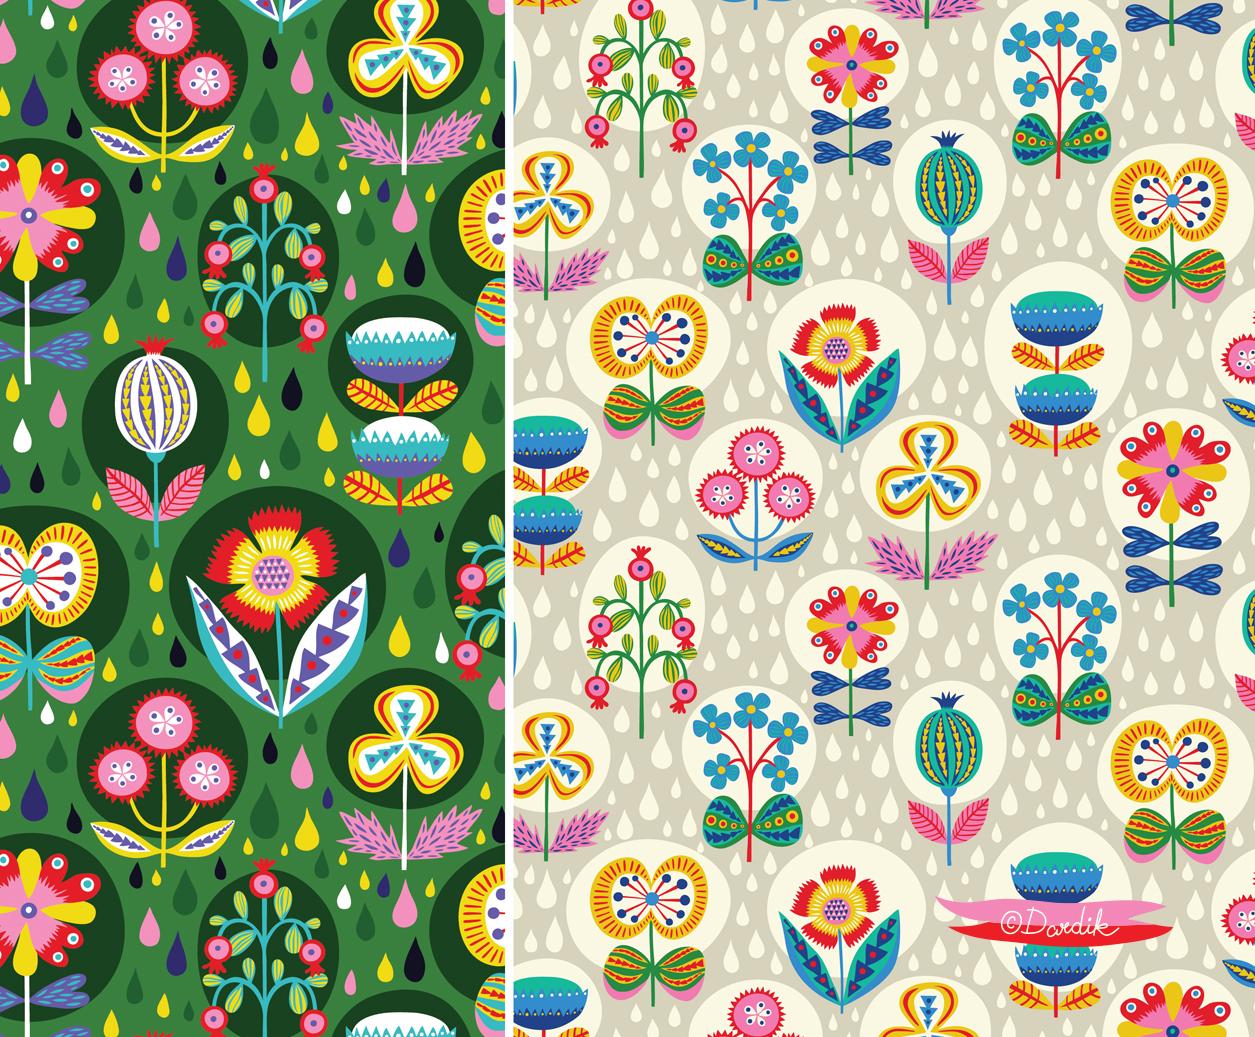 helen_dardik_pattern_18.jpg